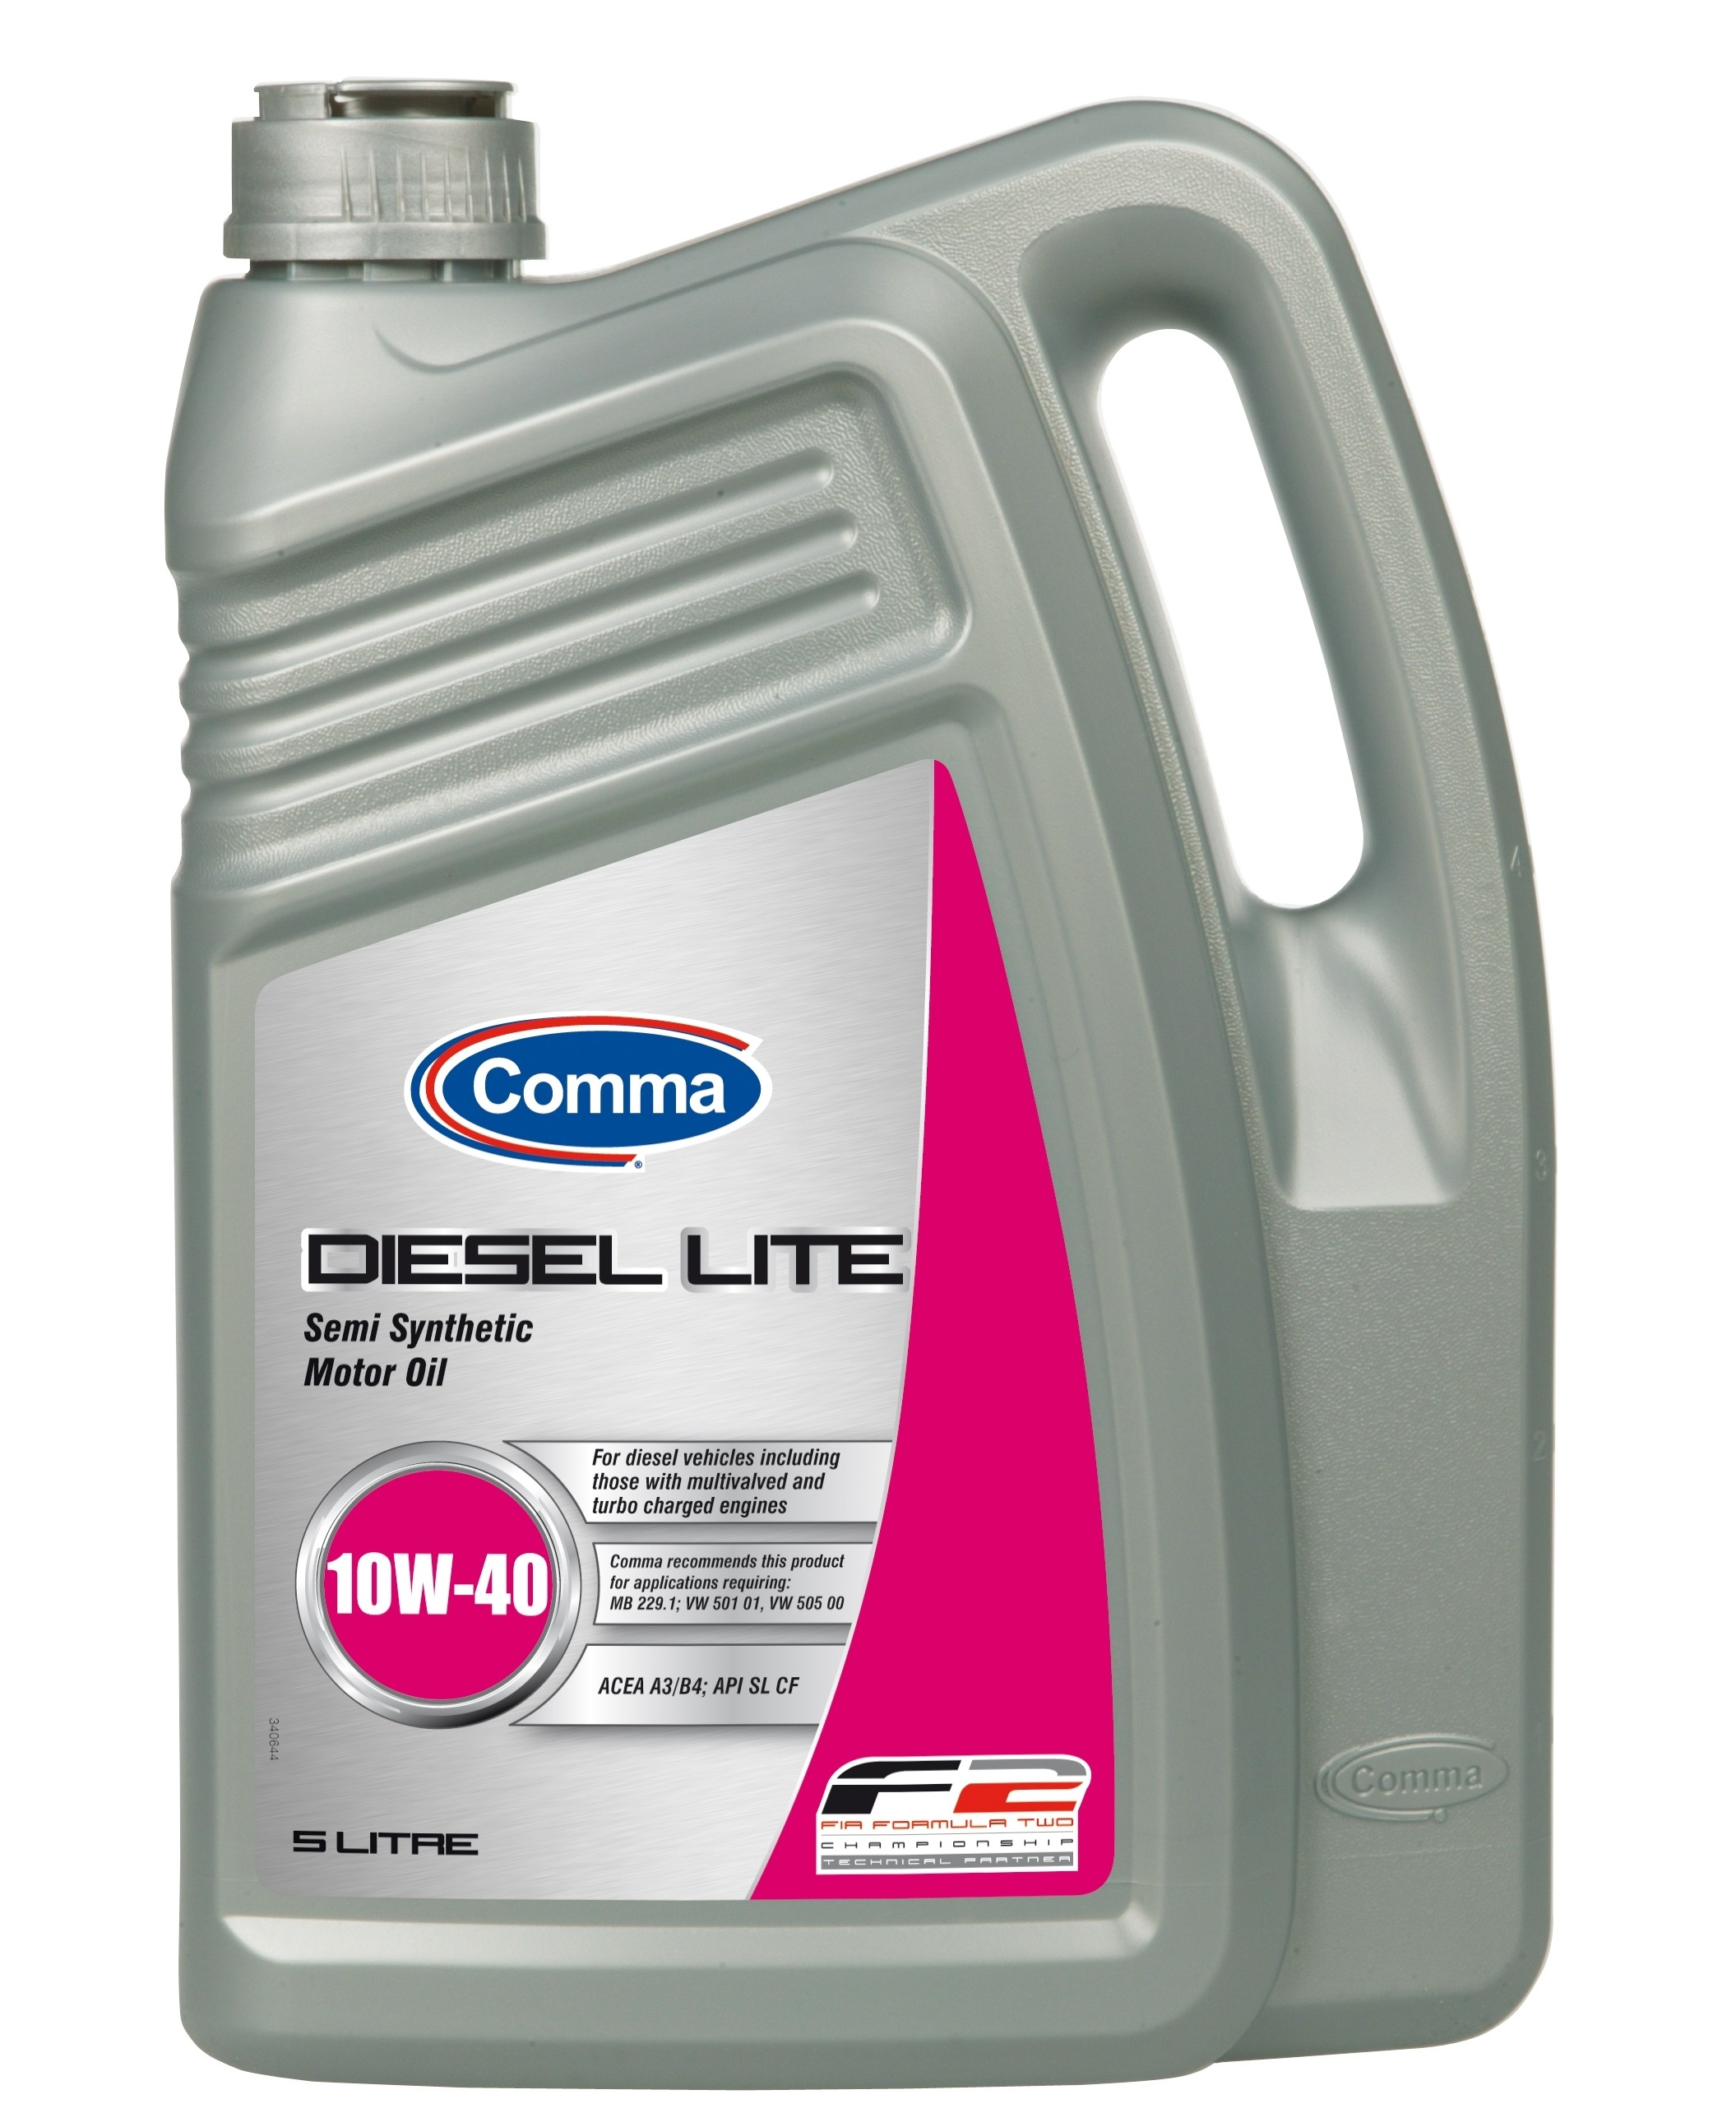 Comma DieselLite 10W-40 5л